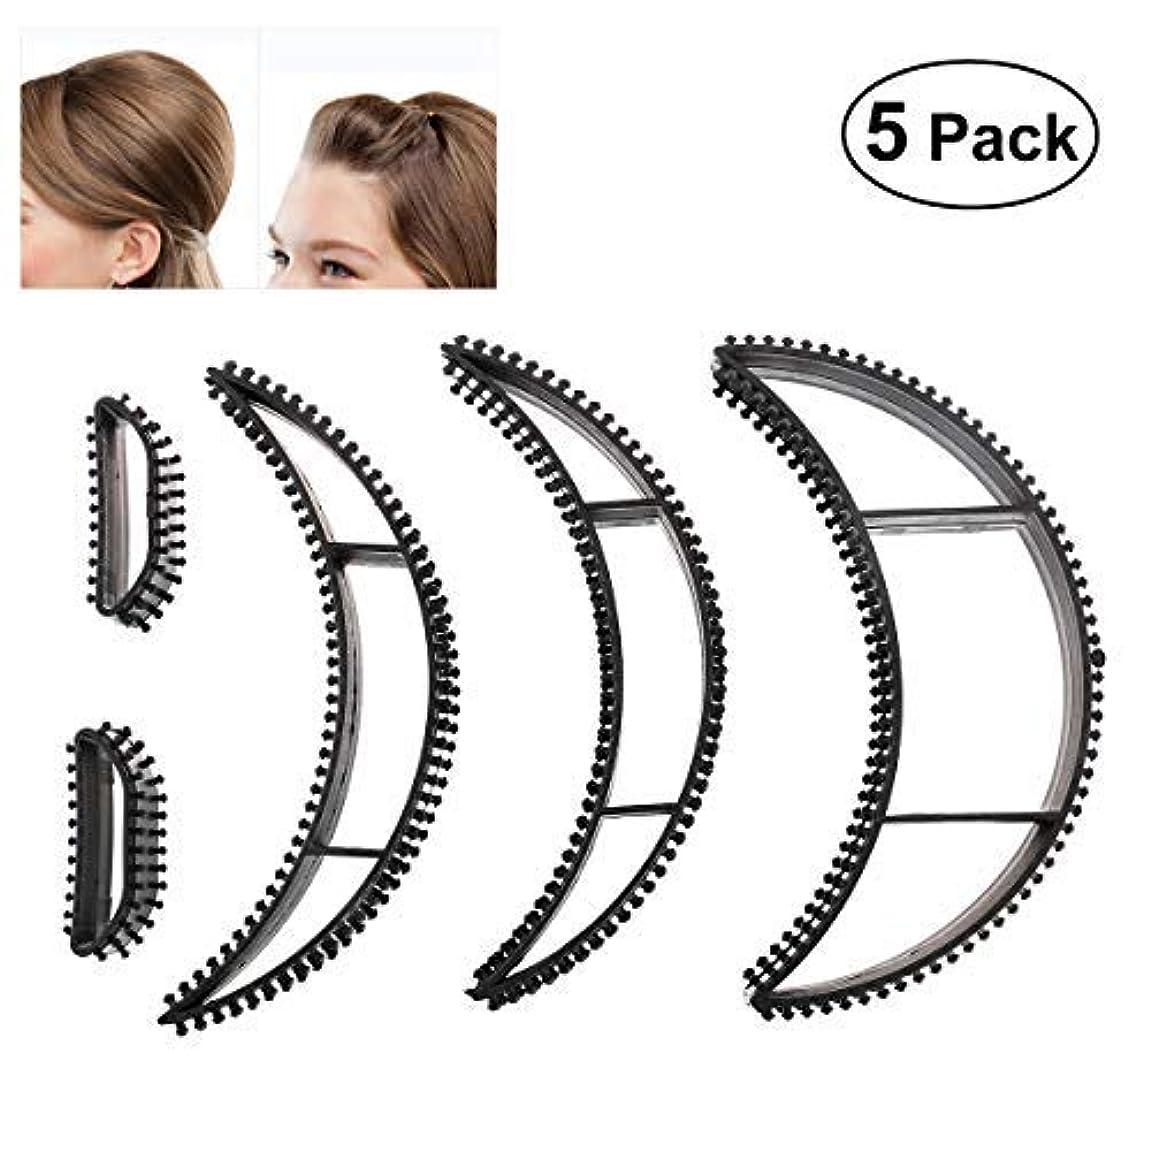 たとえキャンプ促進するTinksky Big Bumpits Happie Hair Volumizing Inserts Hair Pump Beauty Set Tool Gift,Pack of 5 (Black) [並行輸入品]